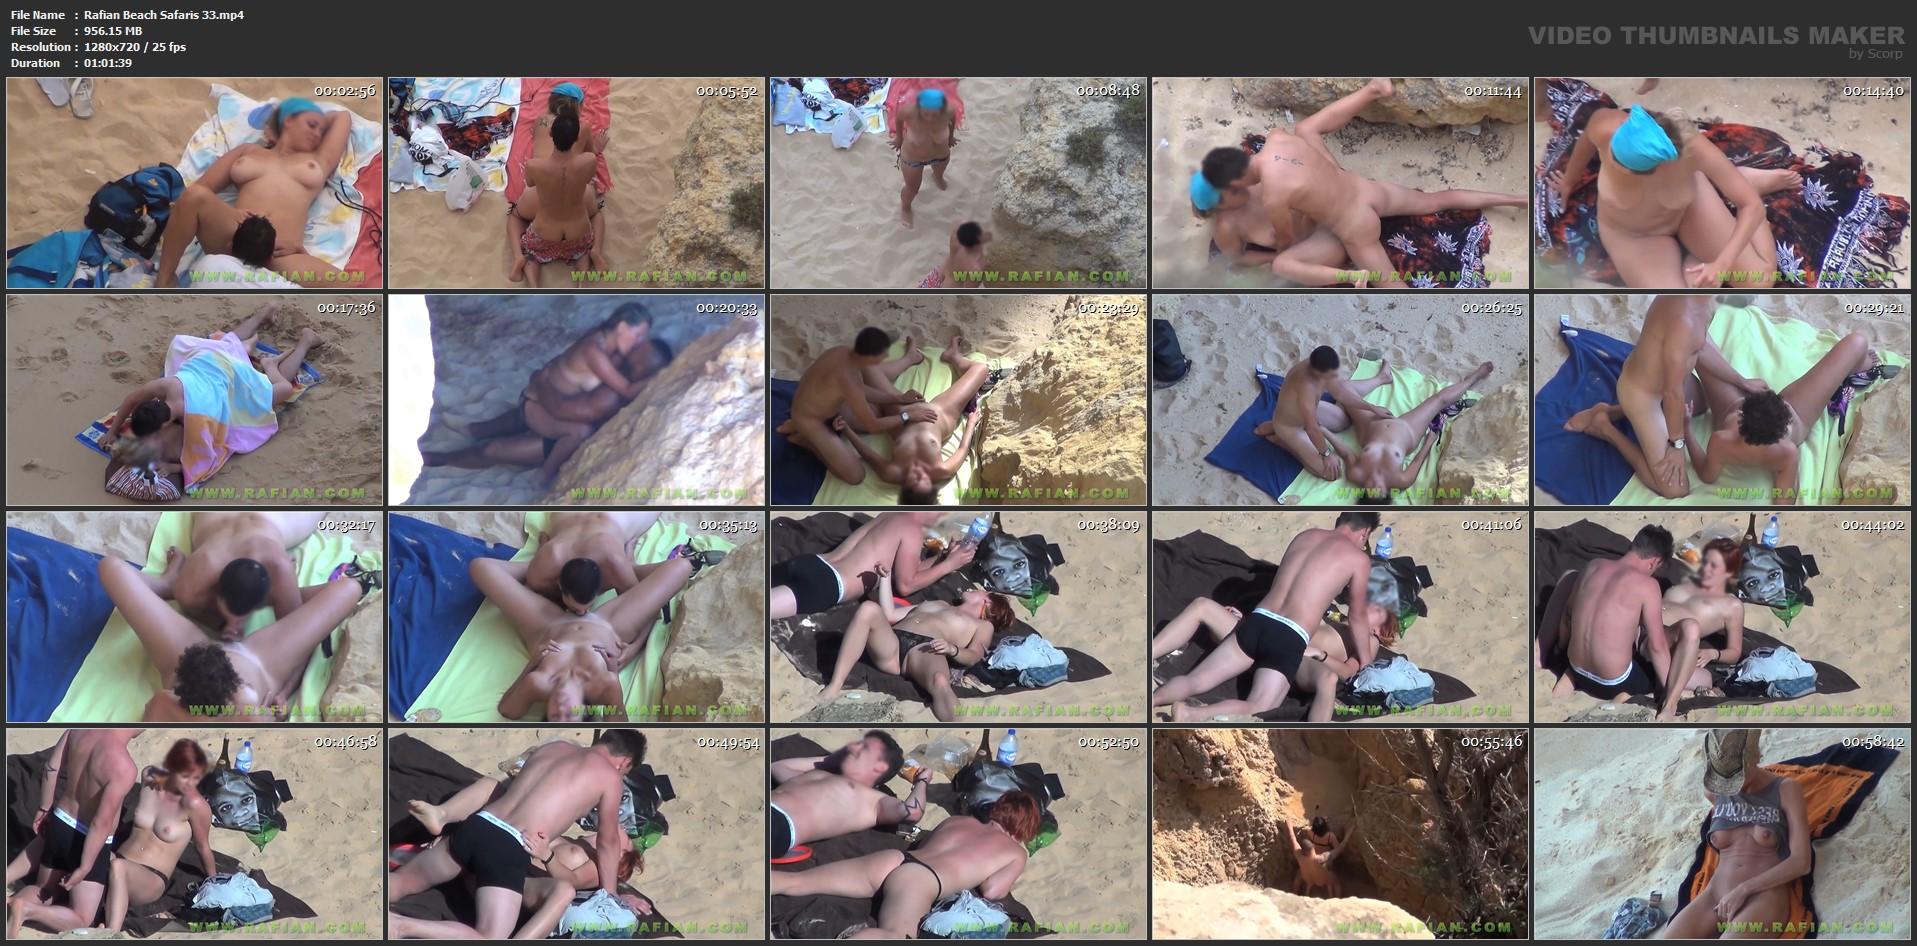 rafian-beach-safaris-33-mp4